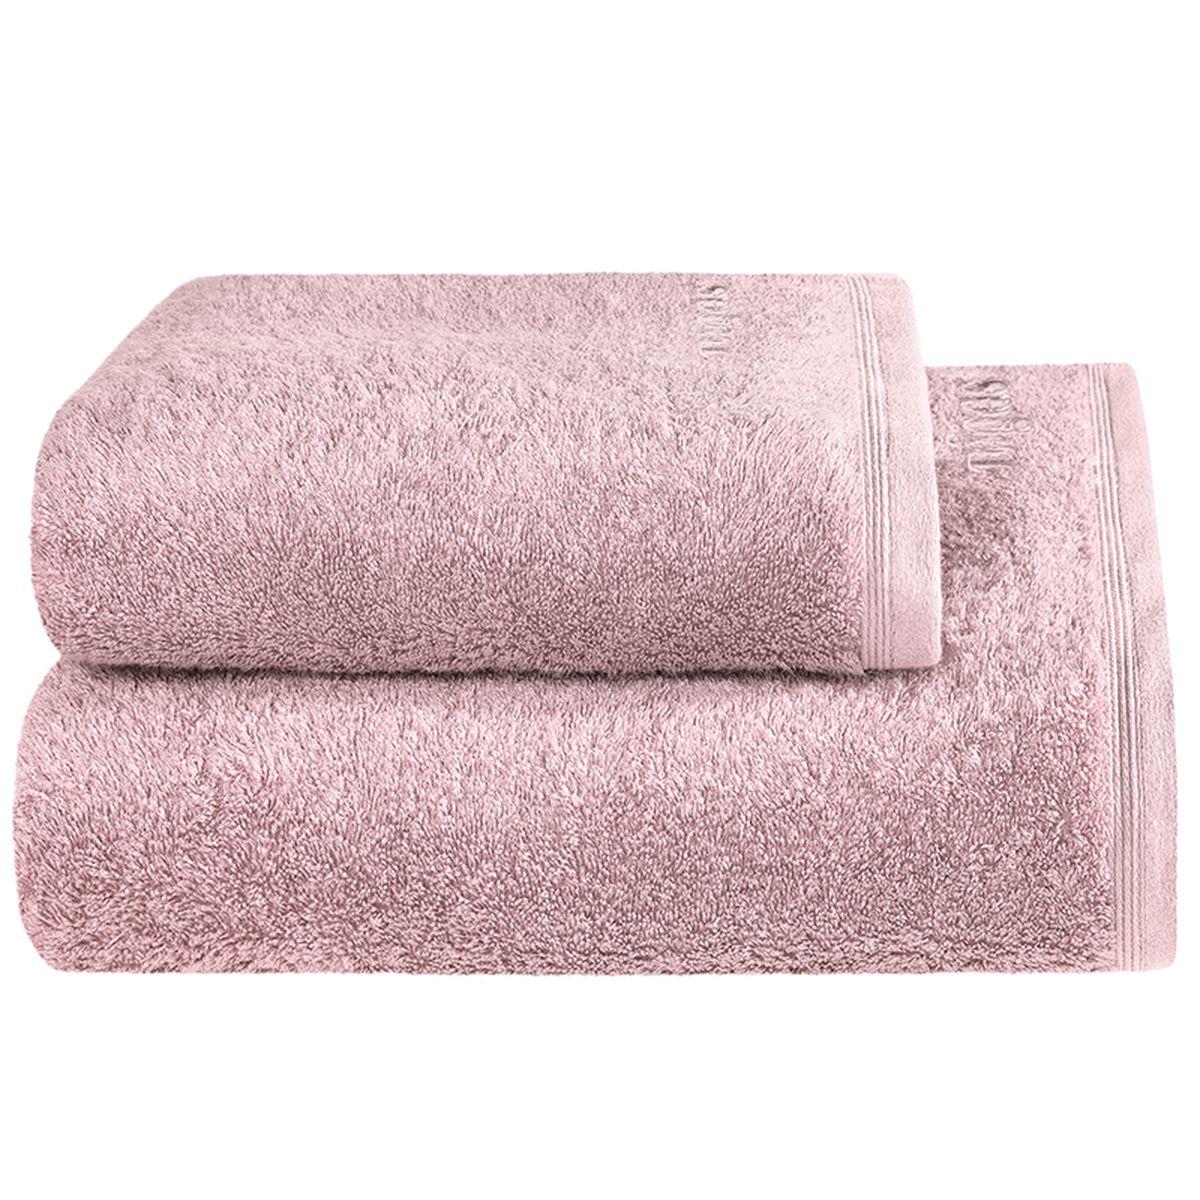 Полотенце Togas Пуатье, цвет: розовый, 70 х 140 смC0042415Полотенце Togas Пуатье невероятно гармонично сочетает в себе лучшие качества современного махрового текстиля. Безупречные по качеству, экологичное полотенце из 70% хлопка и 30% модала идеально заботится о вашей коже, особенно после душа, когда вы расслаблены и особо уязвимы. Деликатный дизайн полотенца Togas «Пуатье» - воплощение изысканной простоты, где на первый план выходит качество материала. Невероятно мягкое волокно модал, превосходящее по своим свойствам даже хлопок, позволяет улучшить впитывающие качества полотенца и делает его удивительно мягким. Модал - это 100% натуральное, экологически чистое целлюлозное волокно. Оно производится без применения каких-либо химических примесей, поэтому абсолютно гипоаллергенно.Полотенце Togas Пуатье, обладающее идеальными качествами, будет поднимать вам настроение.